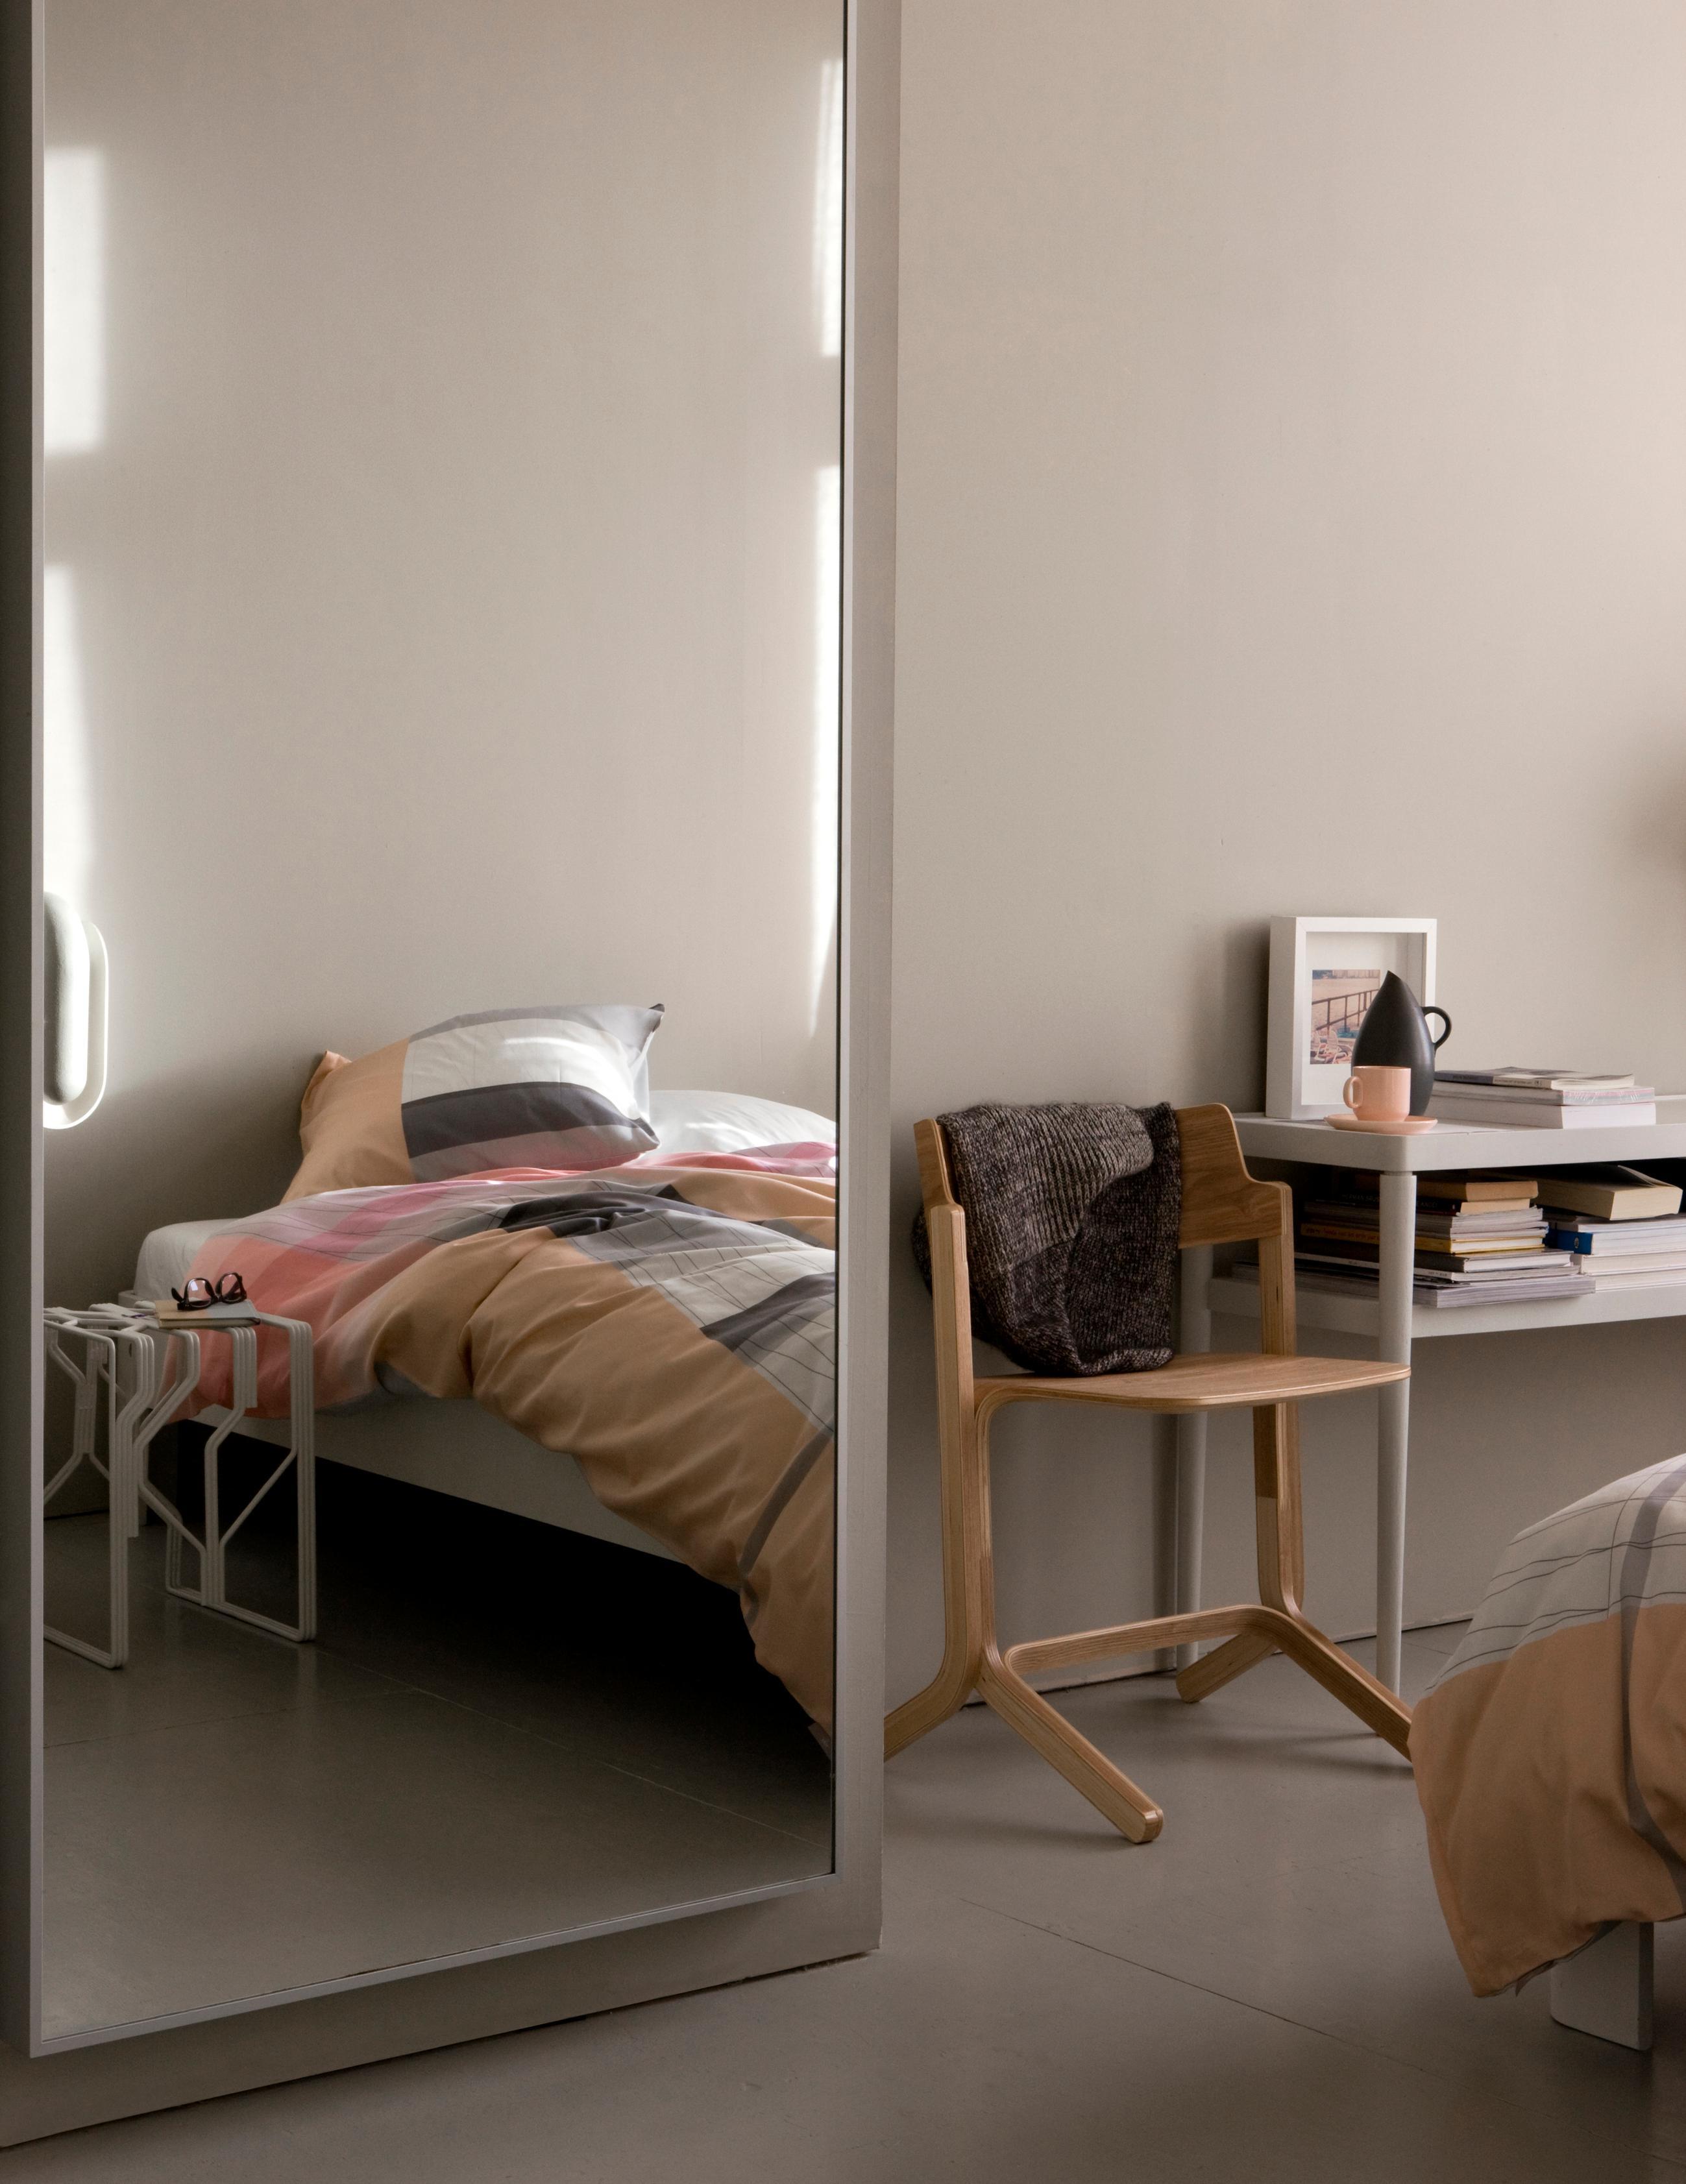 Hay Bettwäsche modernes schlafzimmer stuhl bett bettwäsche wand